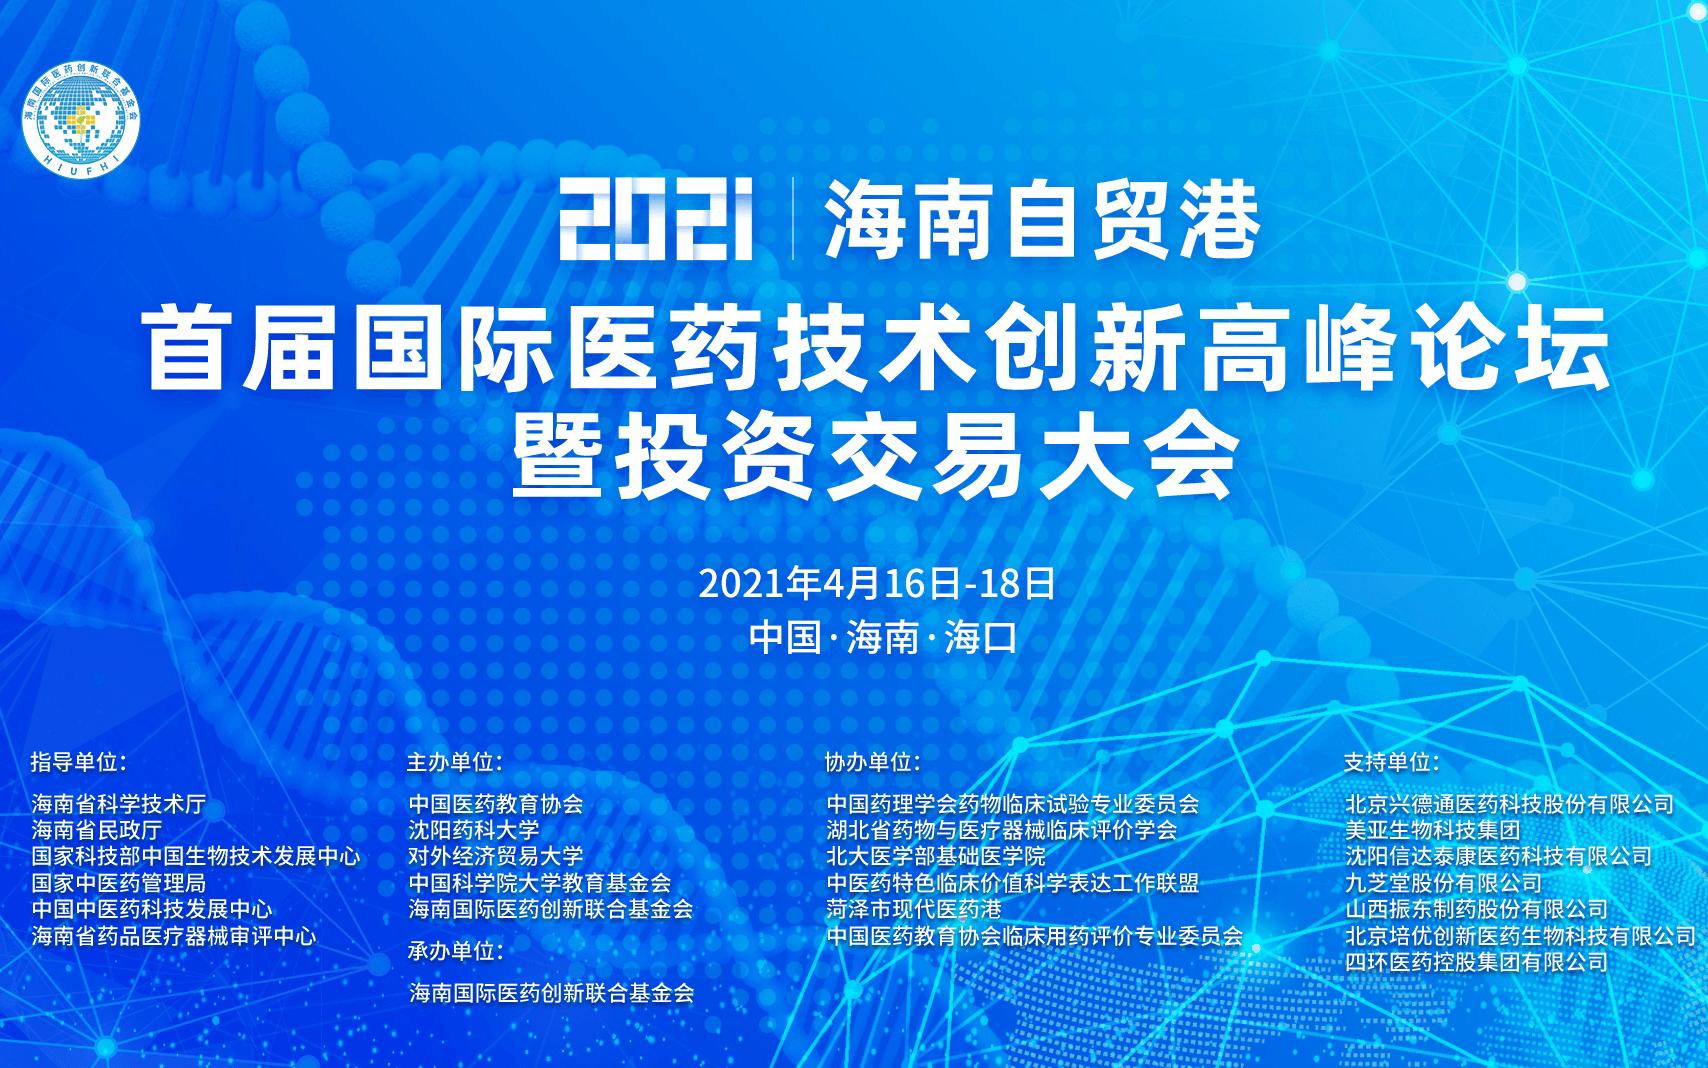 海南自贸港首届国际医药技术创新高峰论坛暨投资交易大会